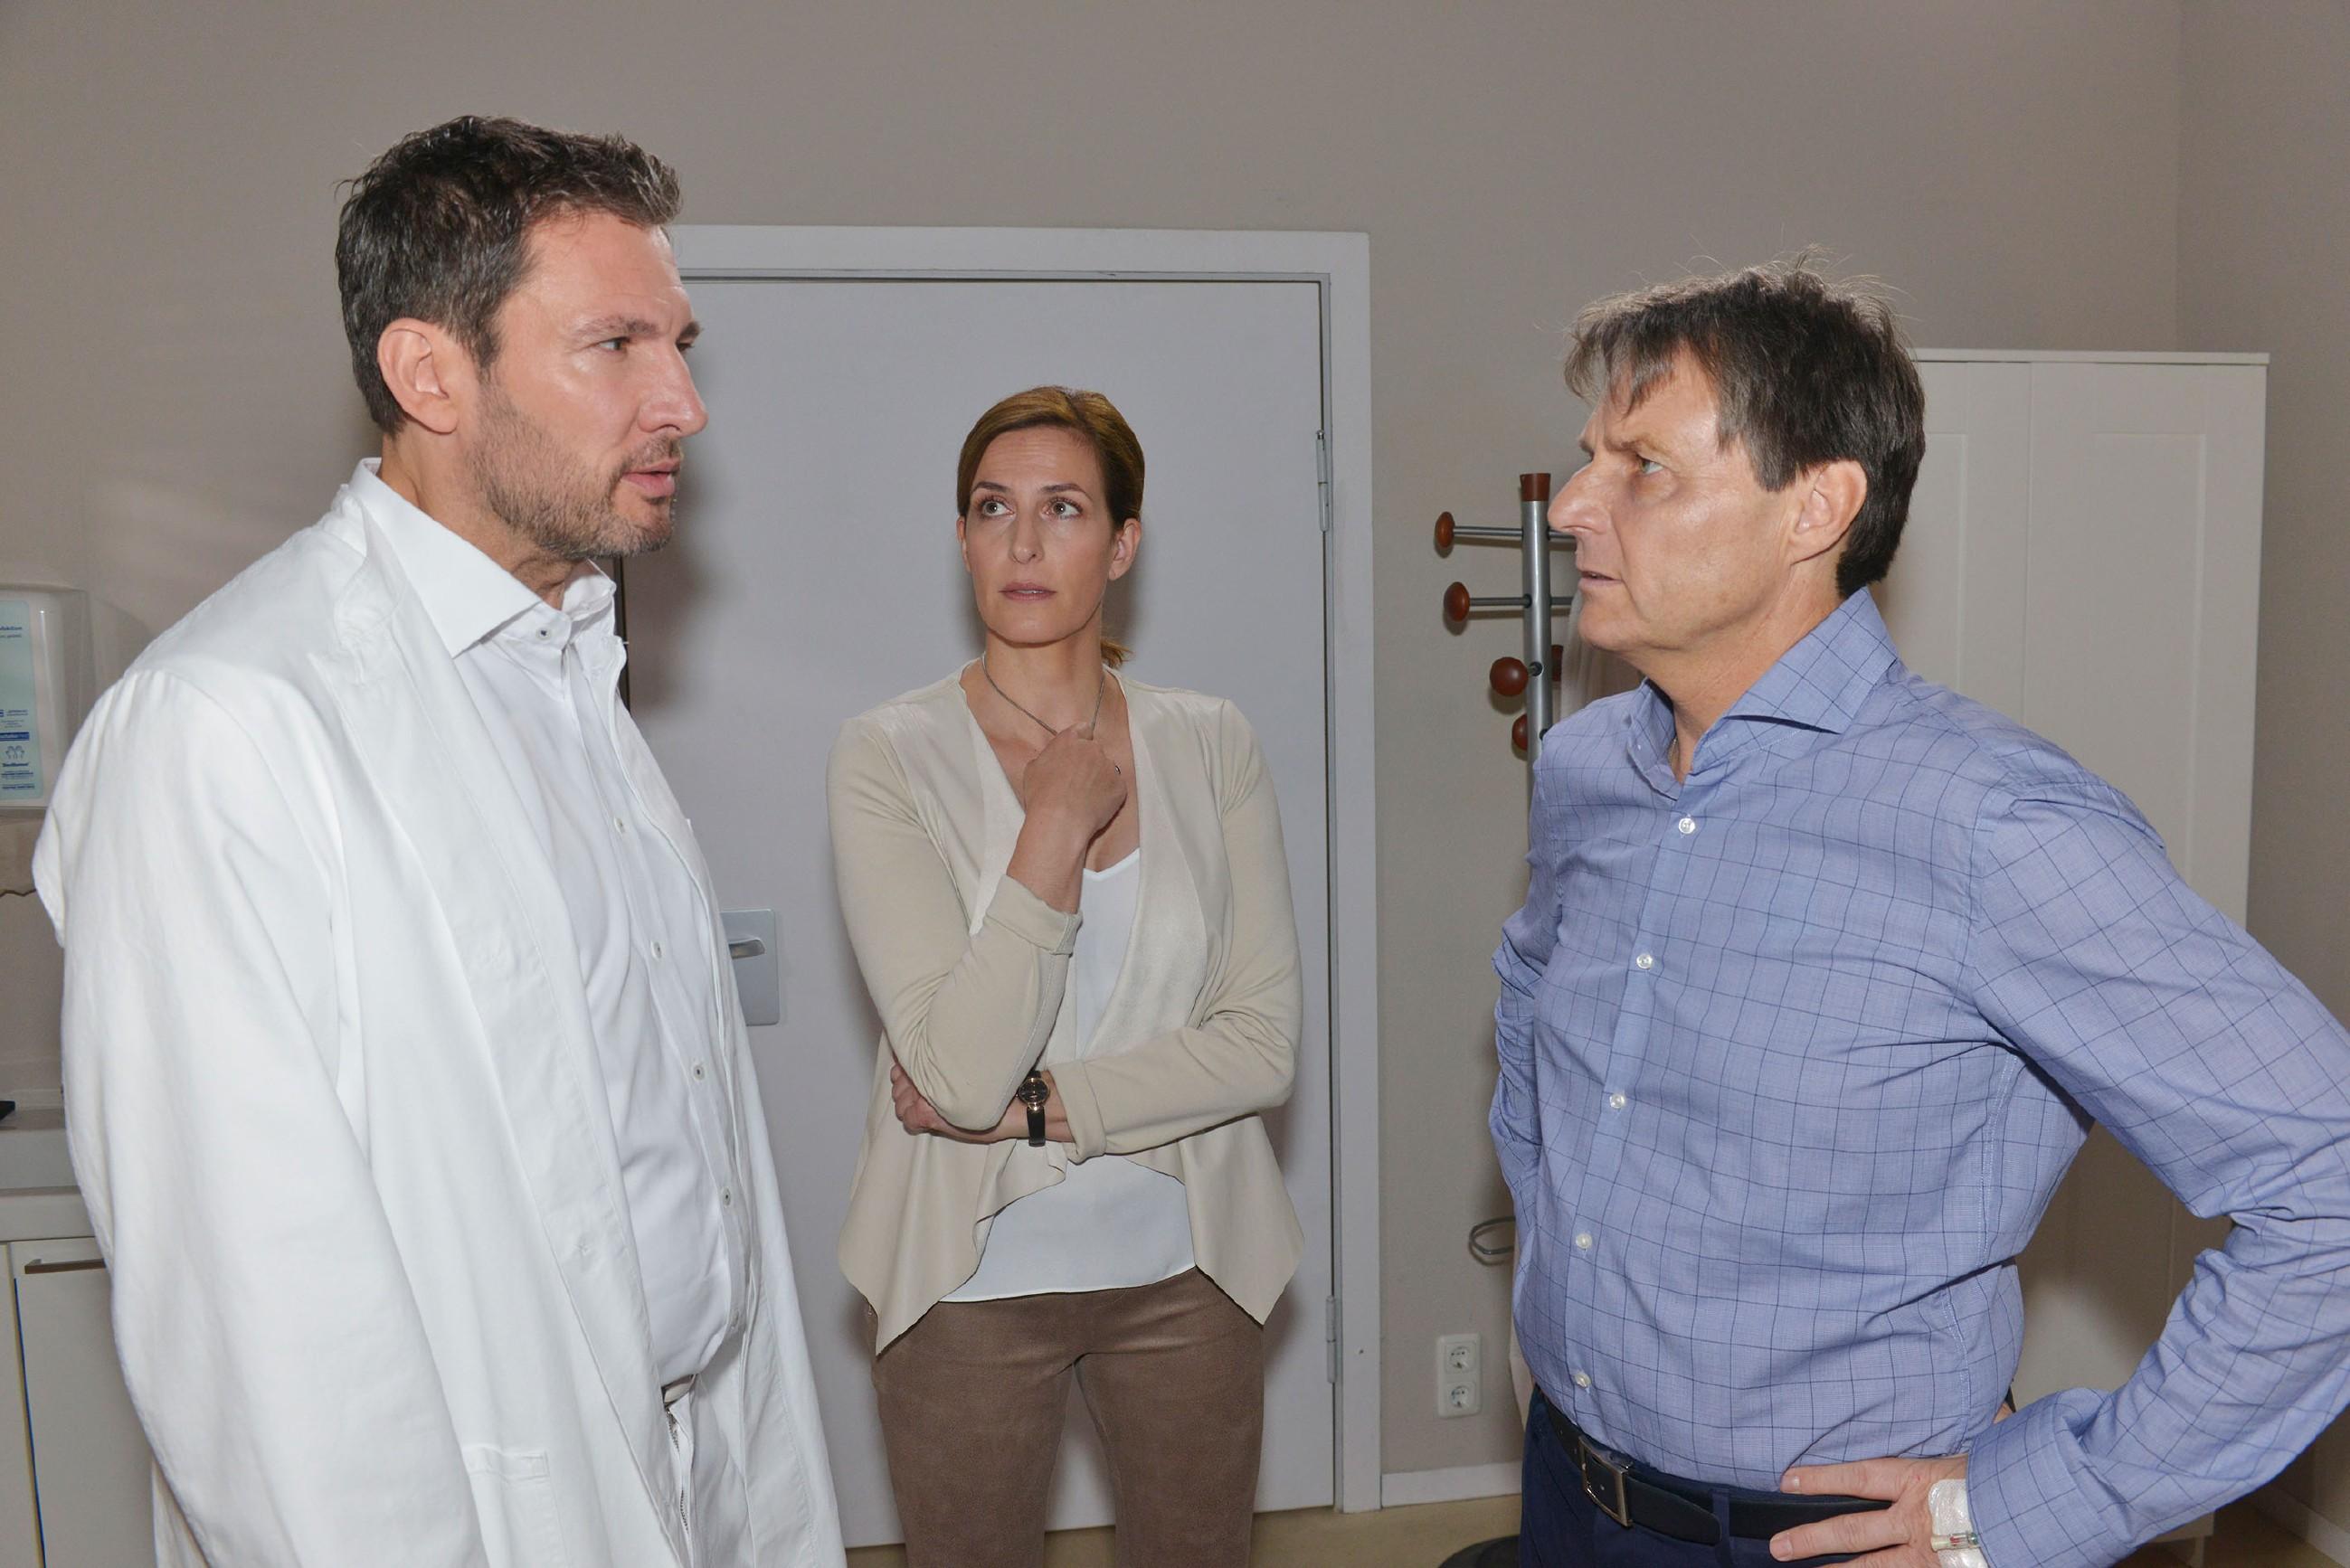 Dr. Frederic Riefflin (Dieter Bach, l.) und Katrin (Ulrike Frank) warnen Jo Gerner (Wolfgang Bahro) davor, in seinem Zustand das Krankenhaus zu verlassen. (Quelle: © RTL / Rolf Baumgartner)